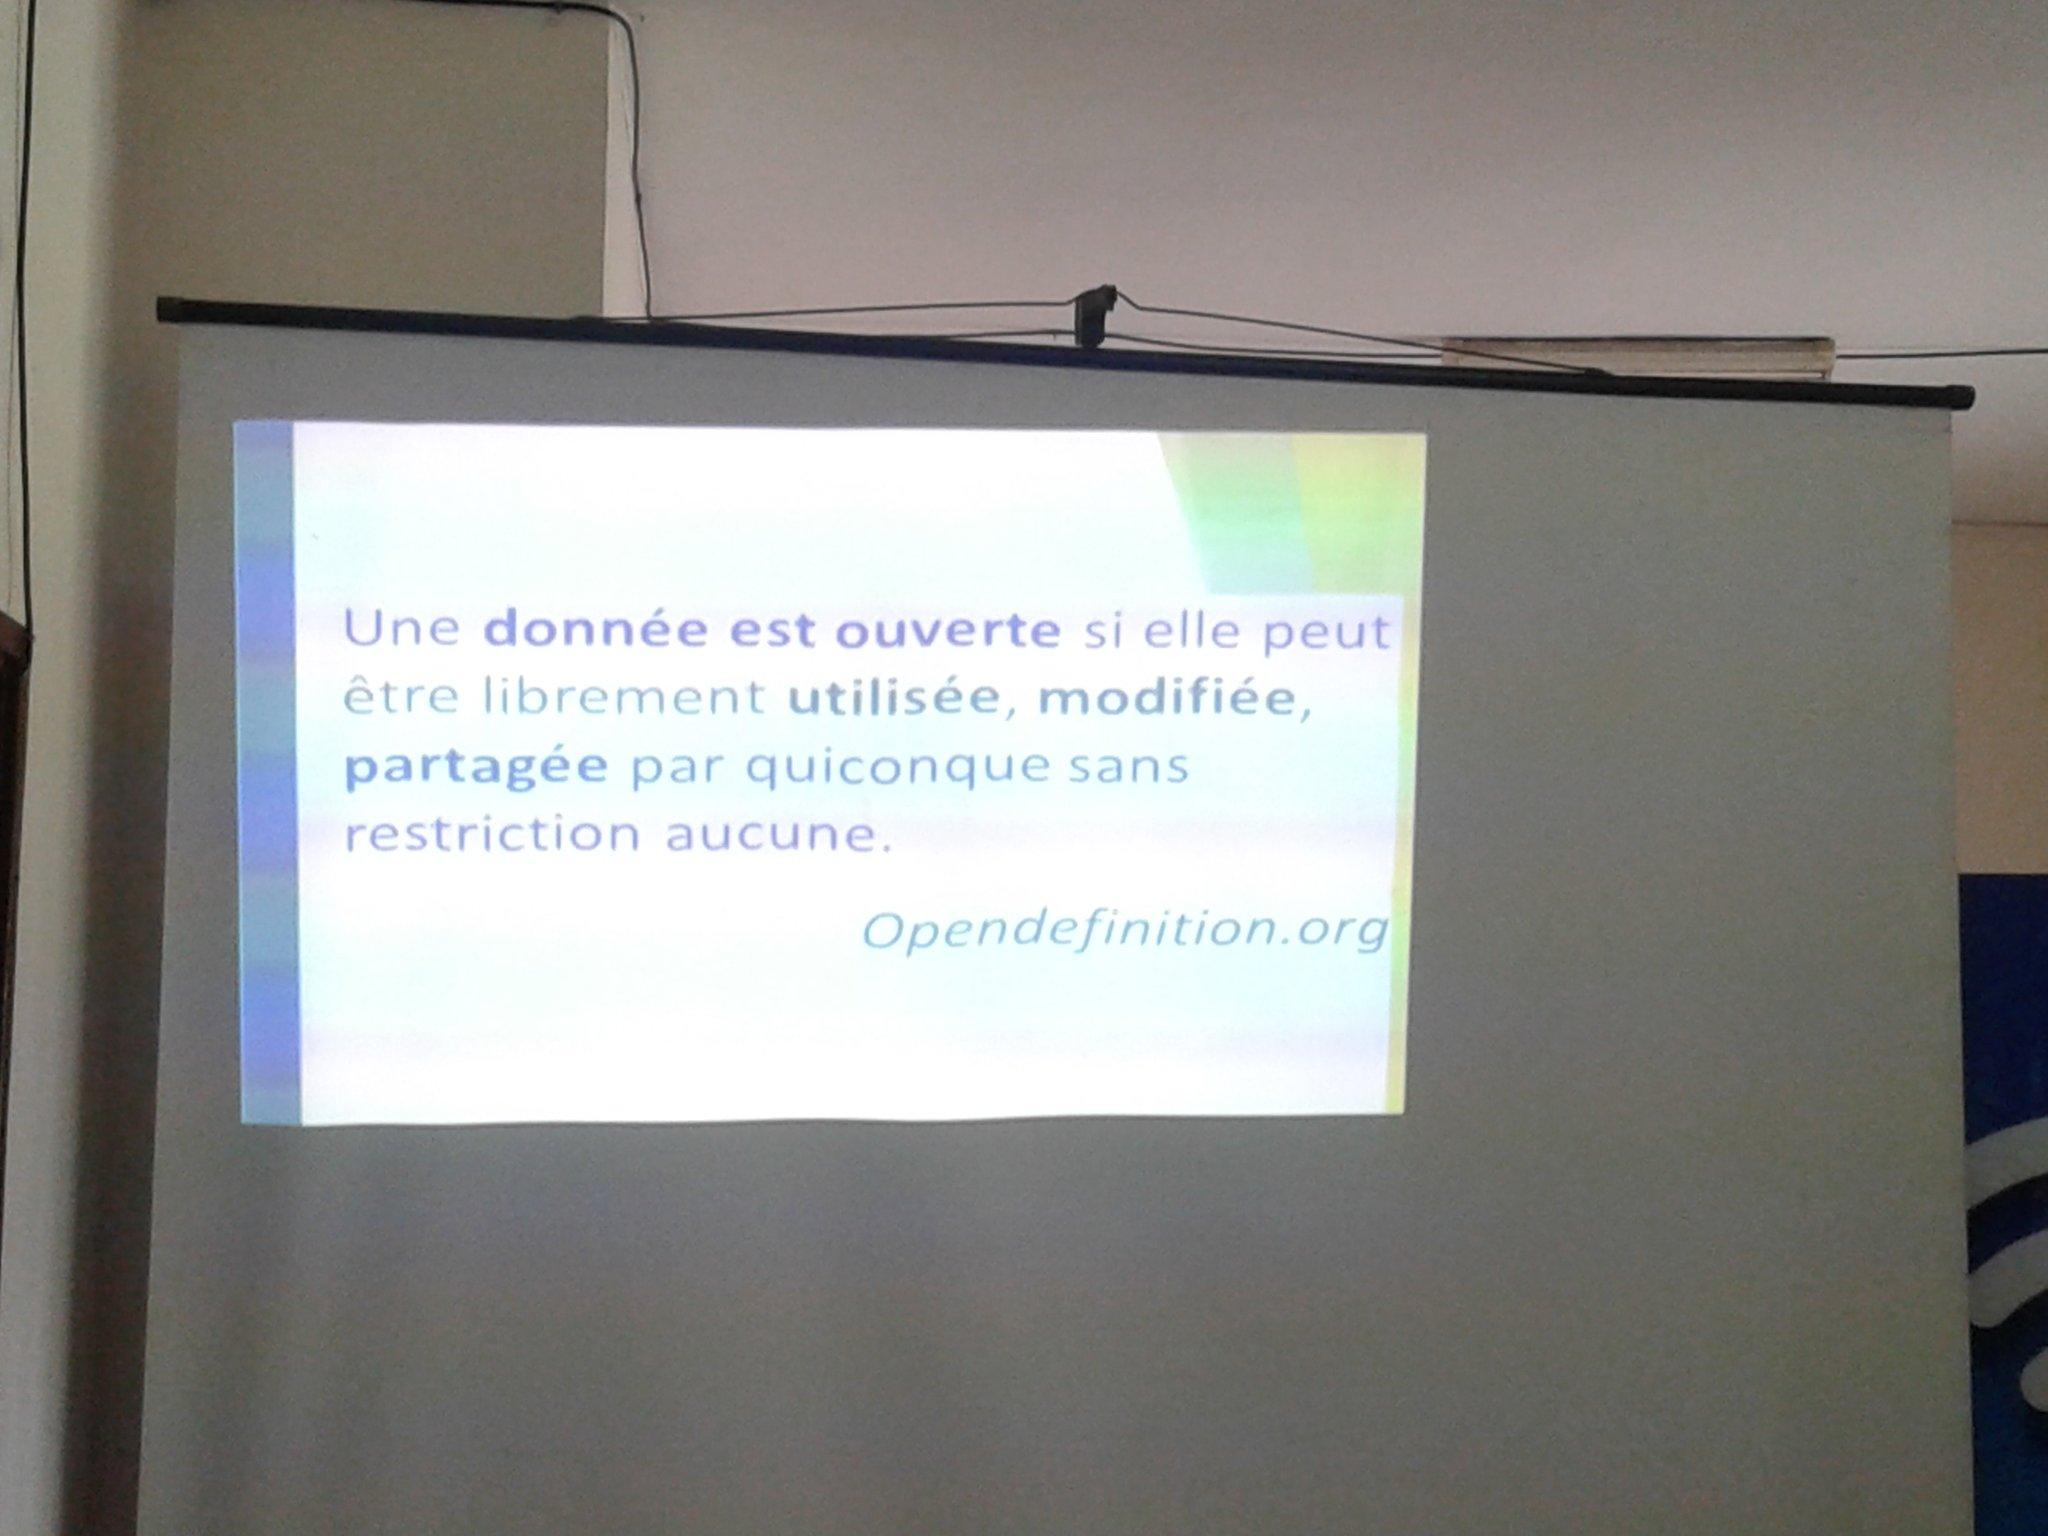 @seigla nous donne ube définition des données ouvertes #OpenData au #OpenDataDay2017 #OpenDataDay  @blolab_cotonou https://t.co/5mODttbW0x